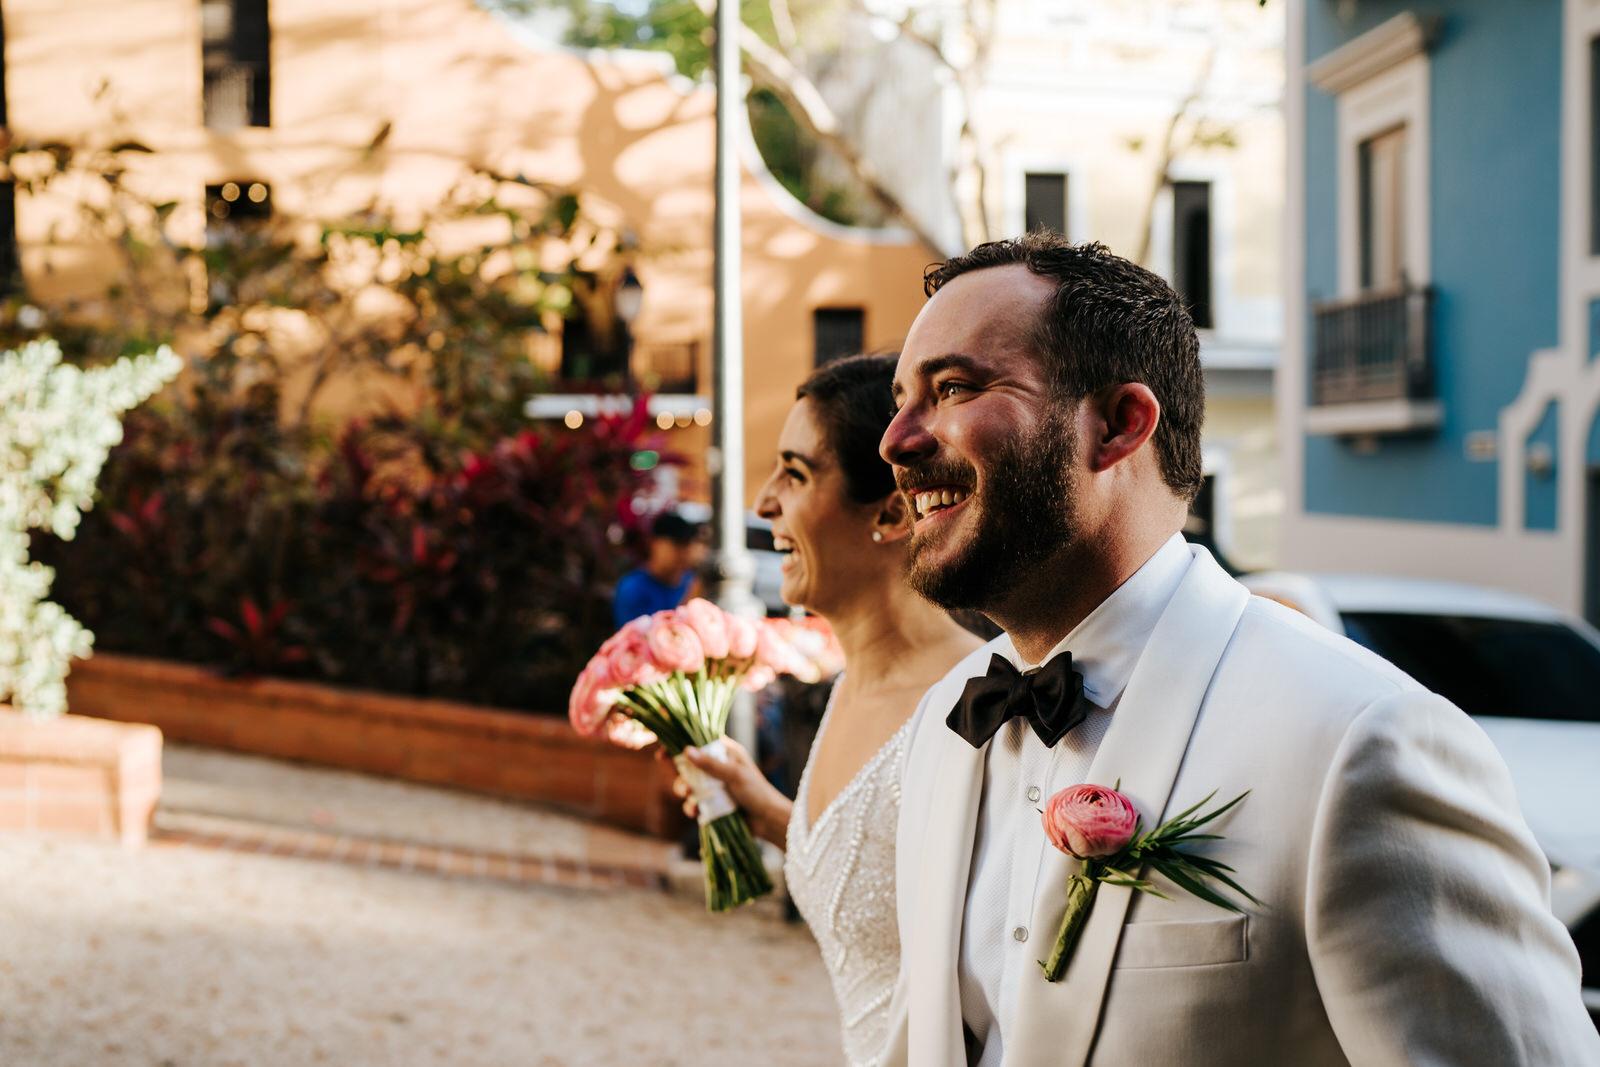 Bride and groom arrive at El Convento Hotel Wedding Venue and smile